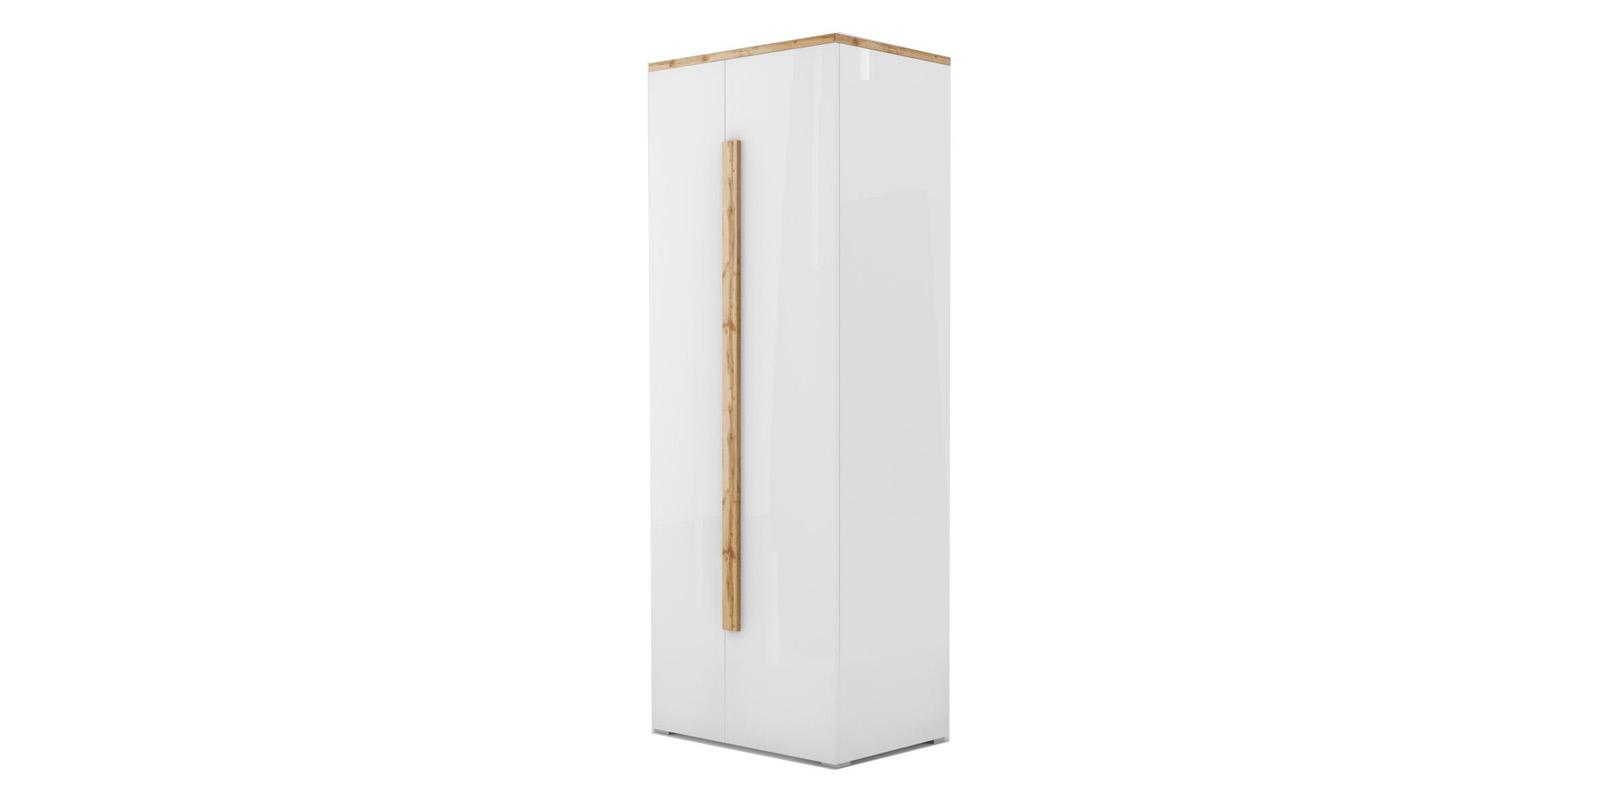 Шкаф распашной двухдверный Сахара Шкаф двухдверный Сахара вариант №1 (дуб ватан/белый лак) САХАРА 1903.М1 фото